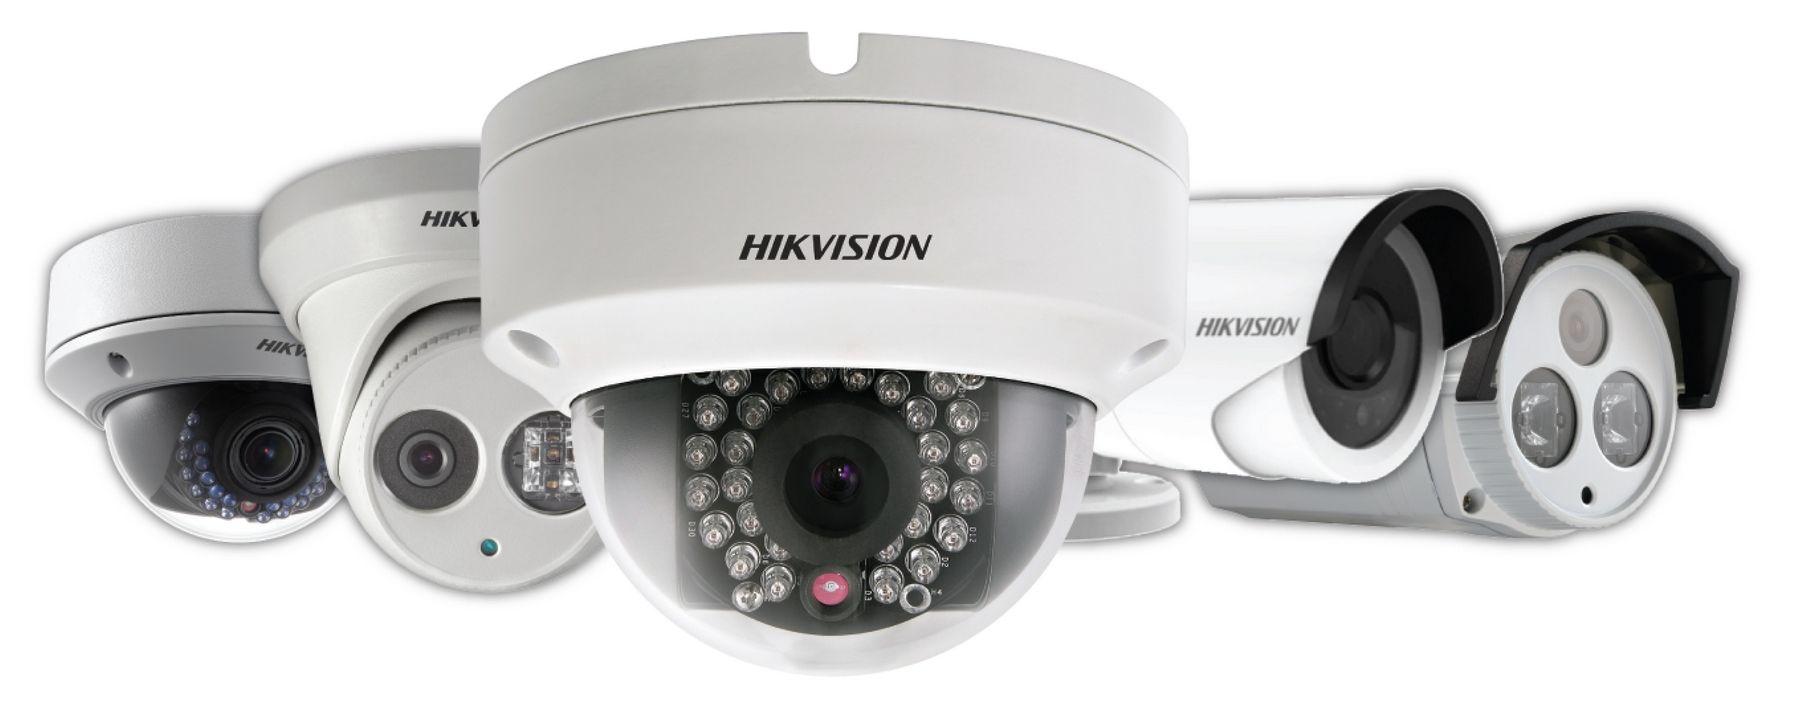 hi tech security cameras - Google Search | security cameras ...